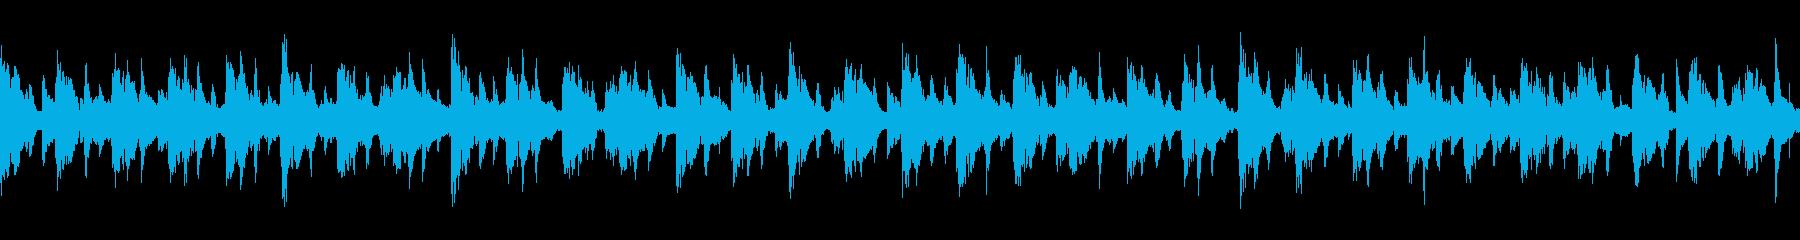 不思議なシンセループです。の再生済みの波形